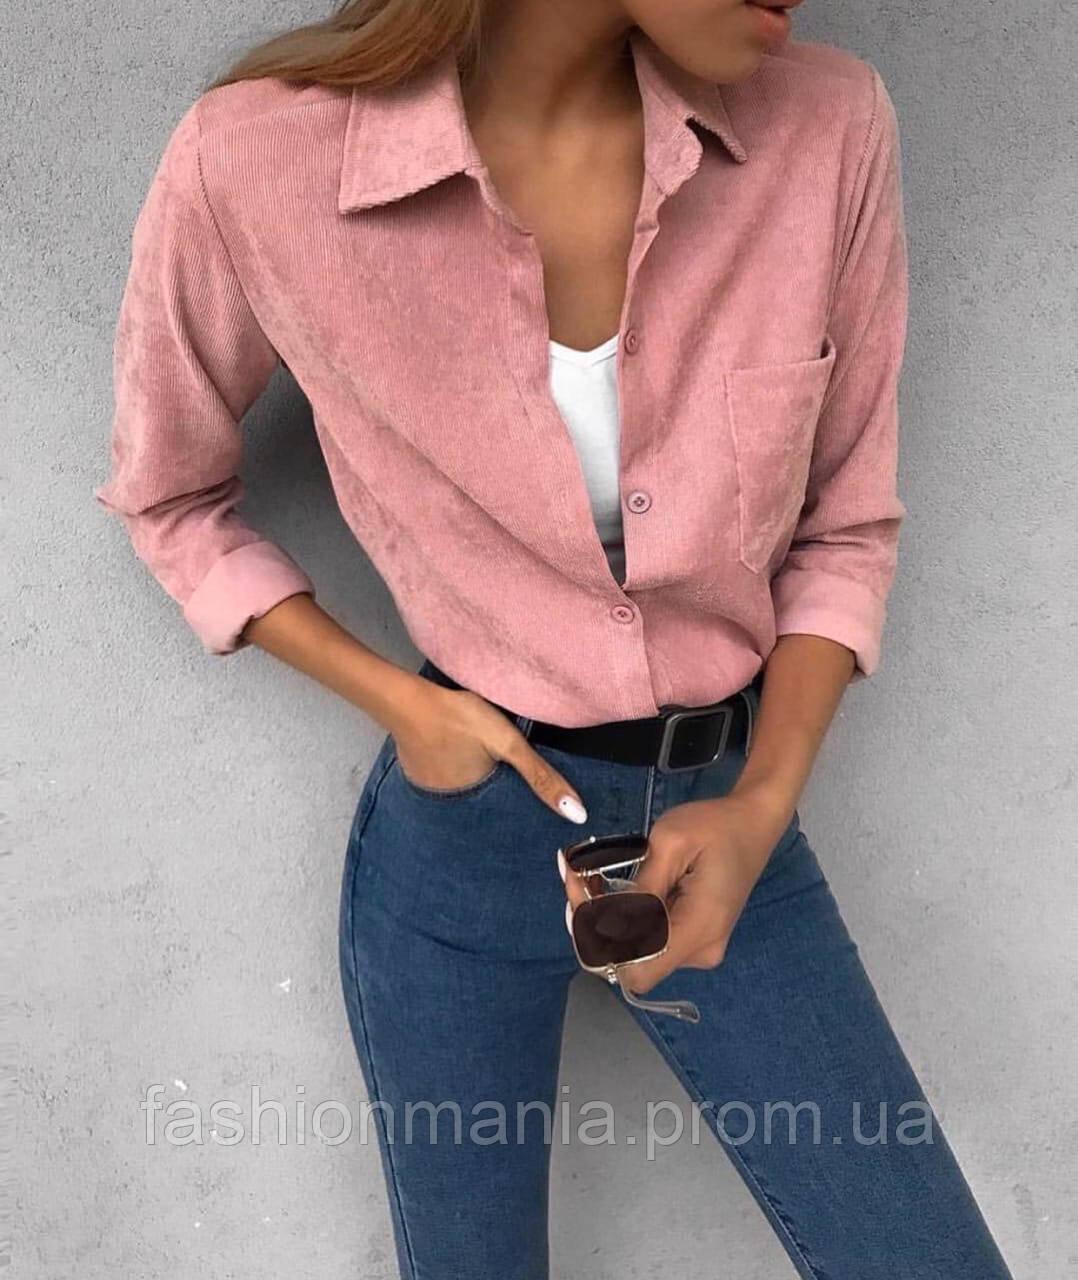 Рубашка женская стильная вельвет